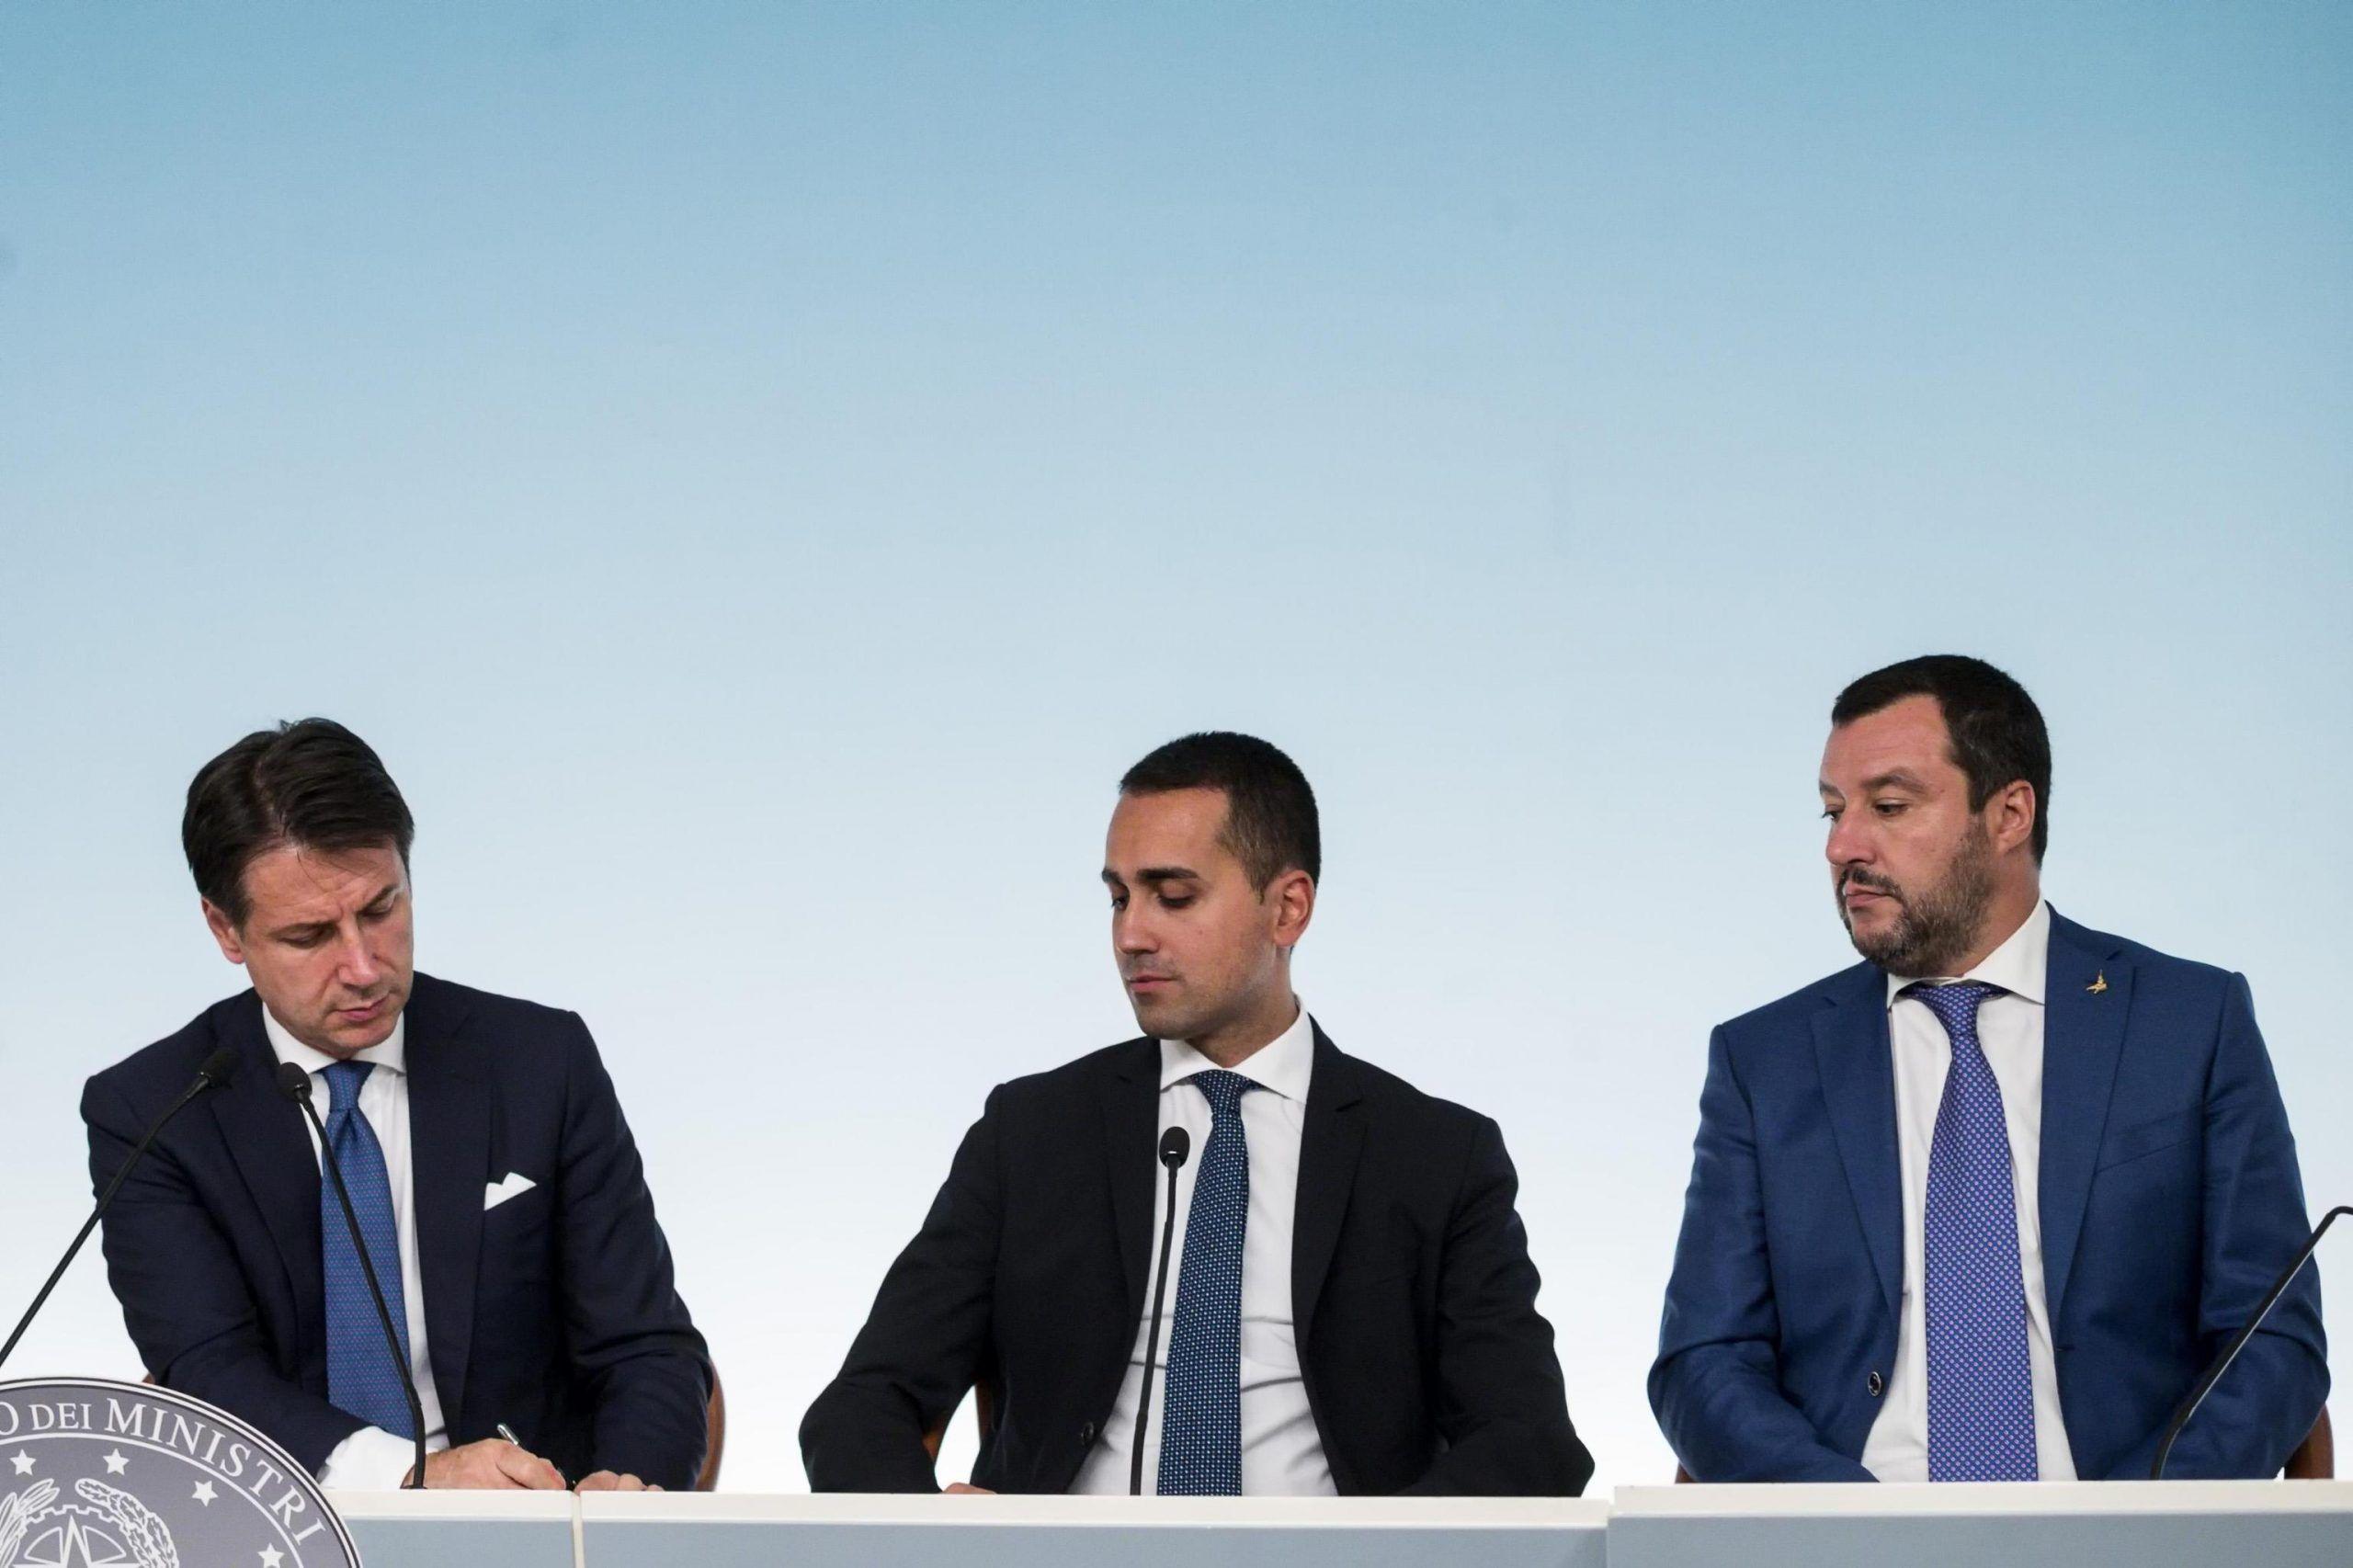 Manovra finanziaria 2019 approvata dal consiglio dei Ministri: i punti principali